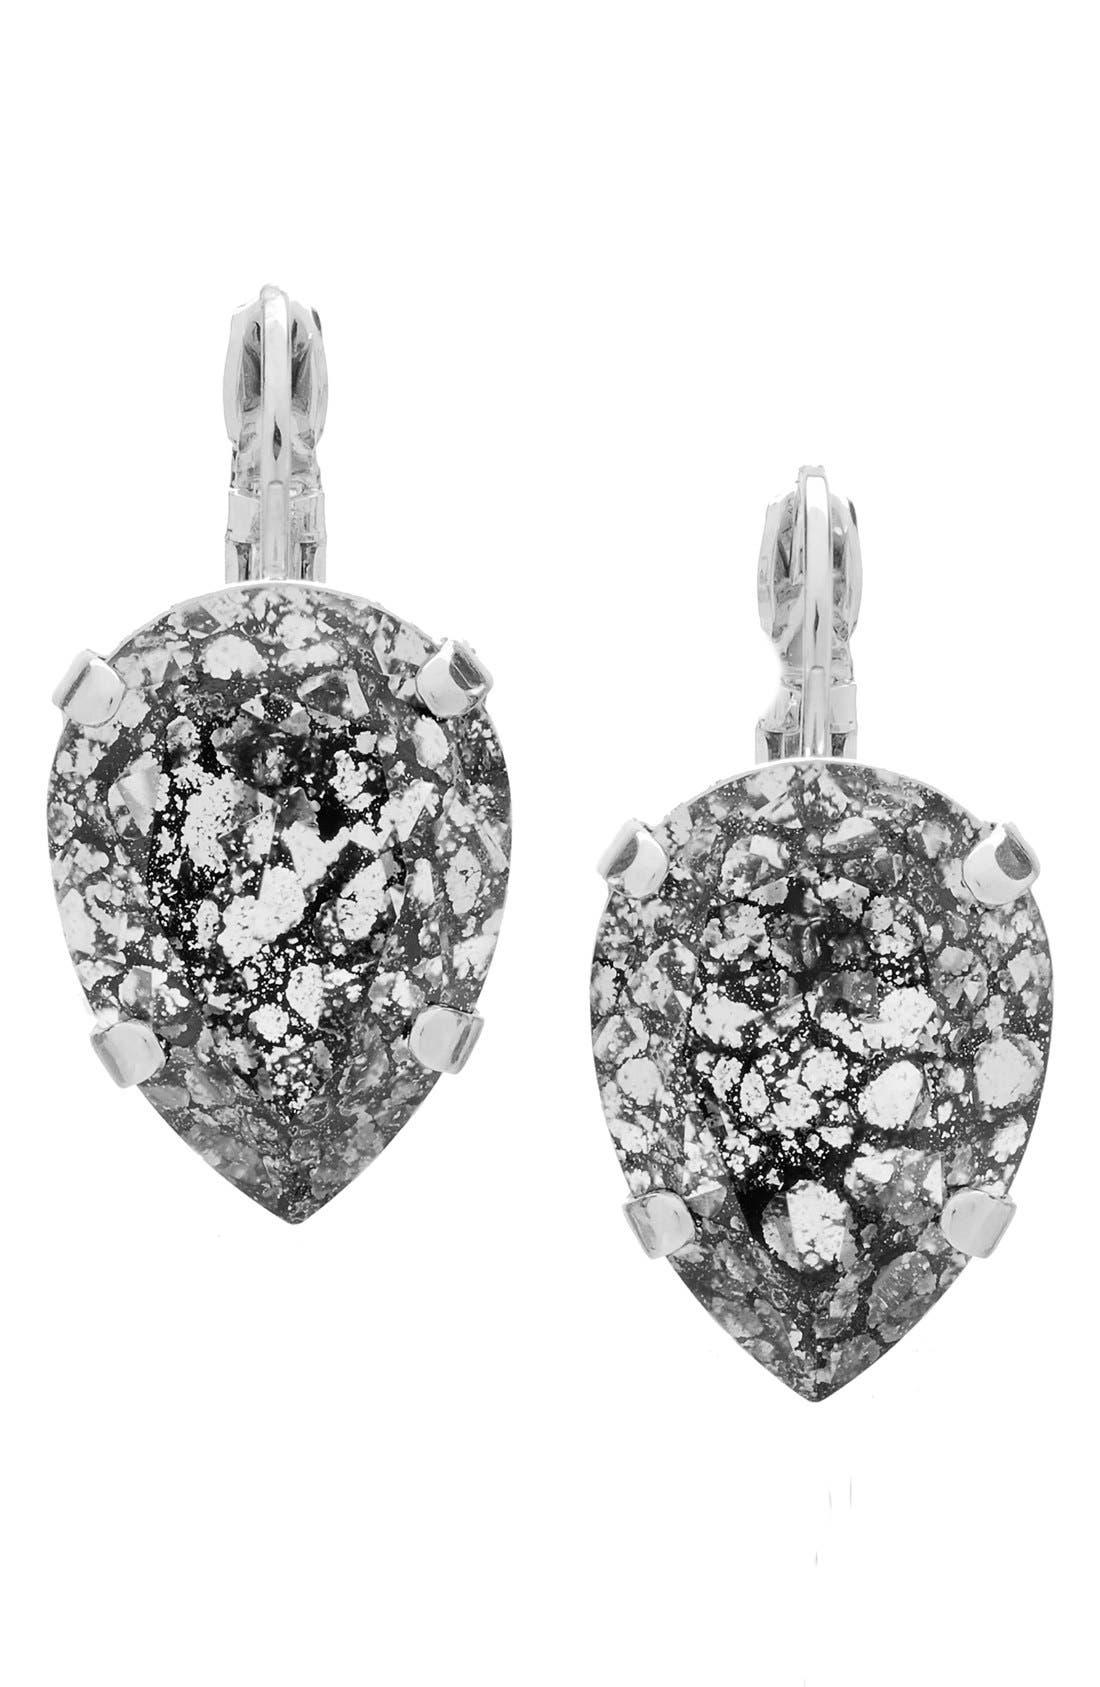 L. ERICKSON 'Scarlett' Teardrop Earrings